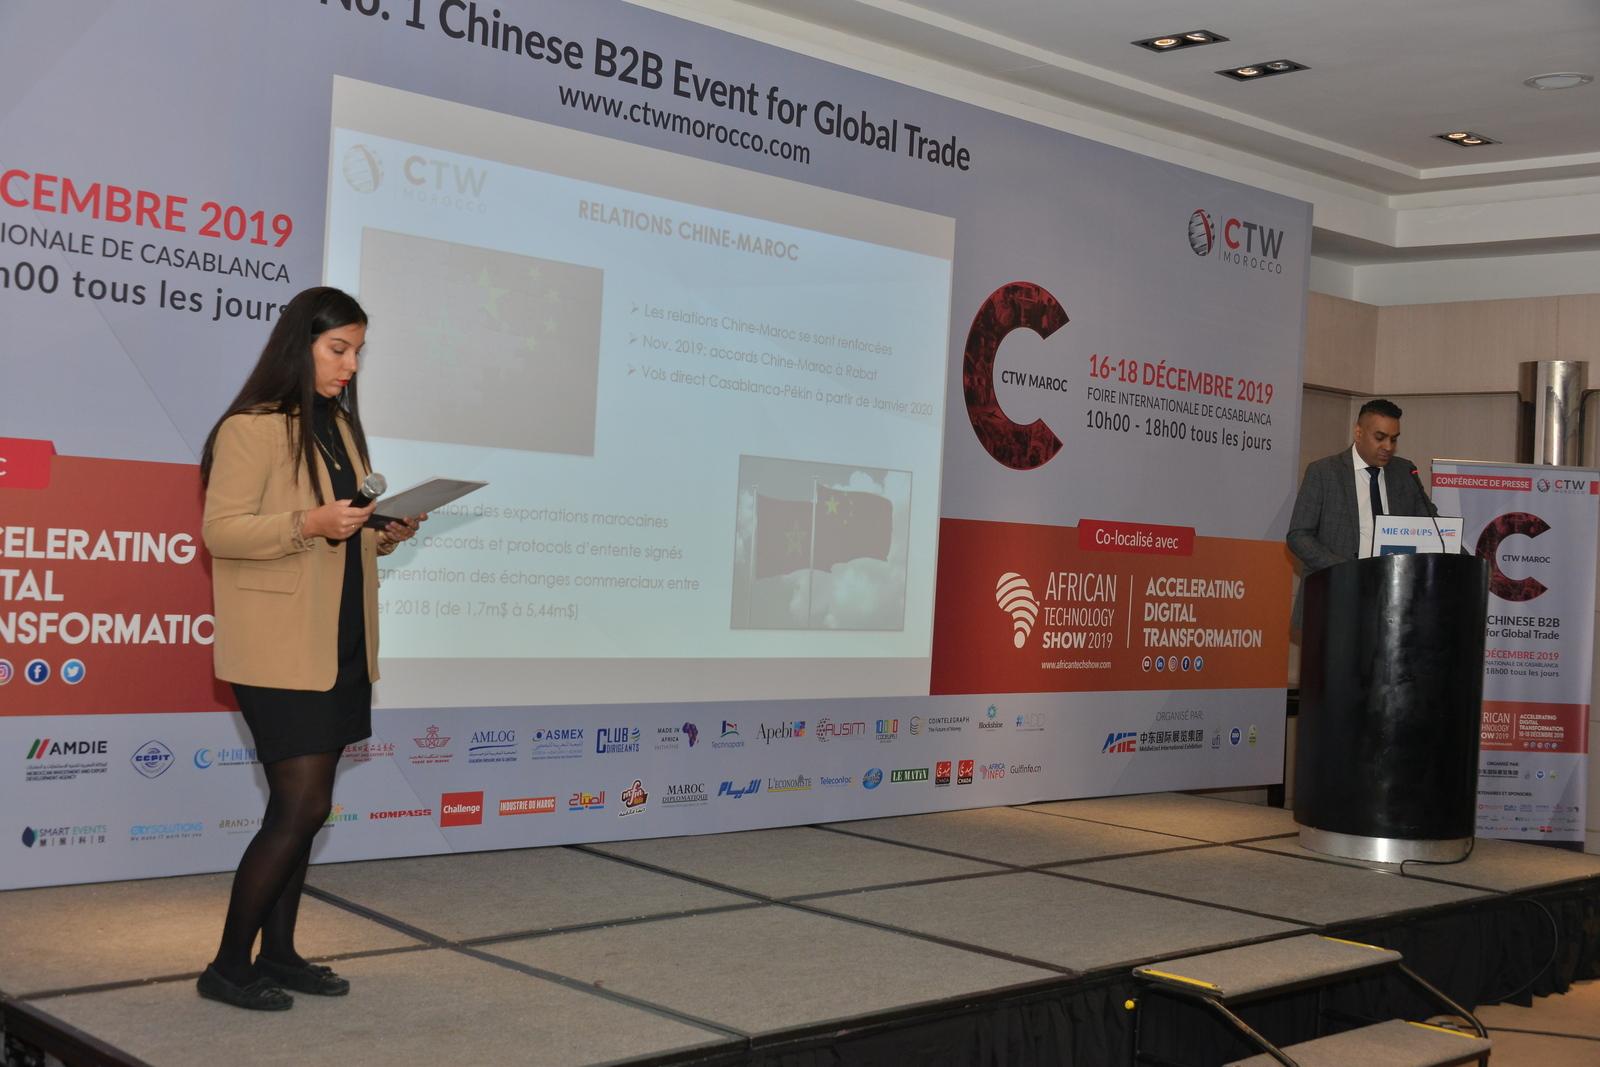 تنظيم النسخة الثالثة من المعرض التجاري الصيني بالمغرب...أكبر منصة شمولية للمبادلات التجارية